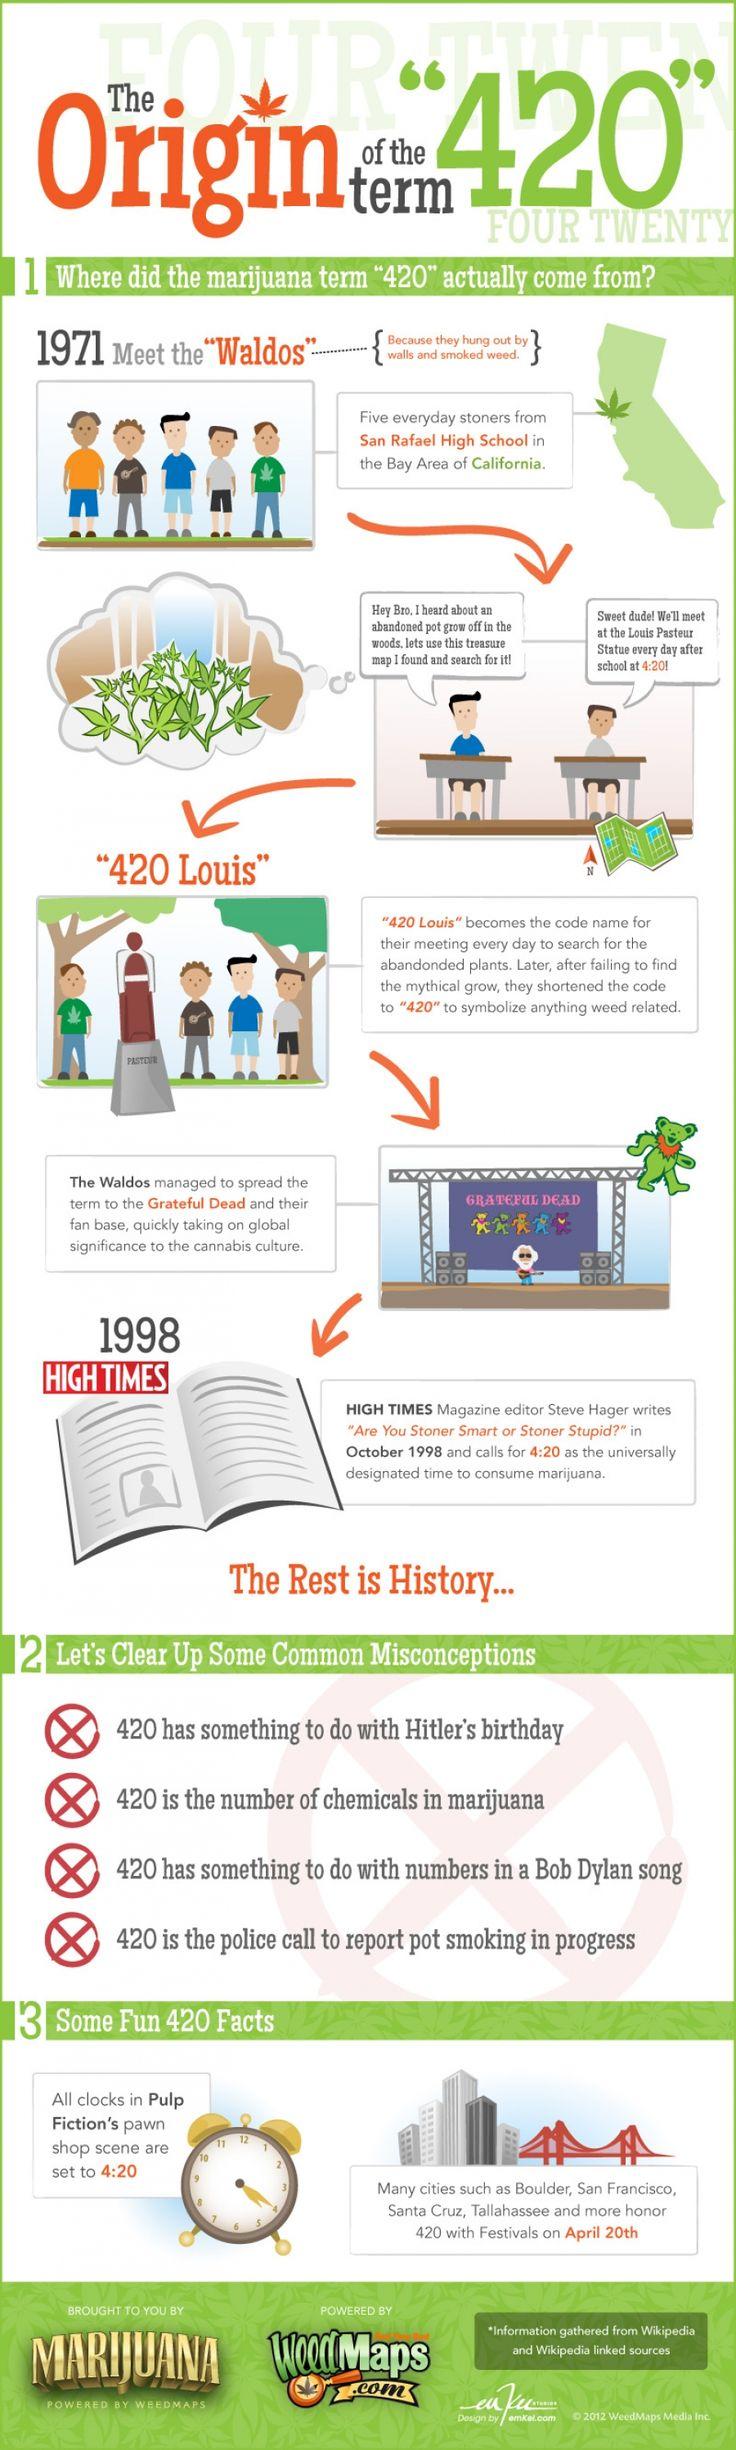 ¿Qué significa y de dónde viene el término 4/20? (INFOGRAFÍA) - http://growlandia.com/marihuana/que-significa-y-de-donde-viene-el-termino-4-20-infografia/